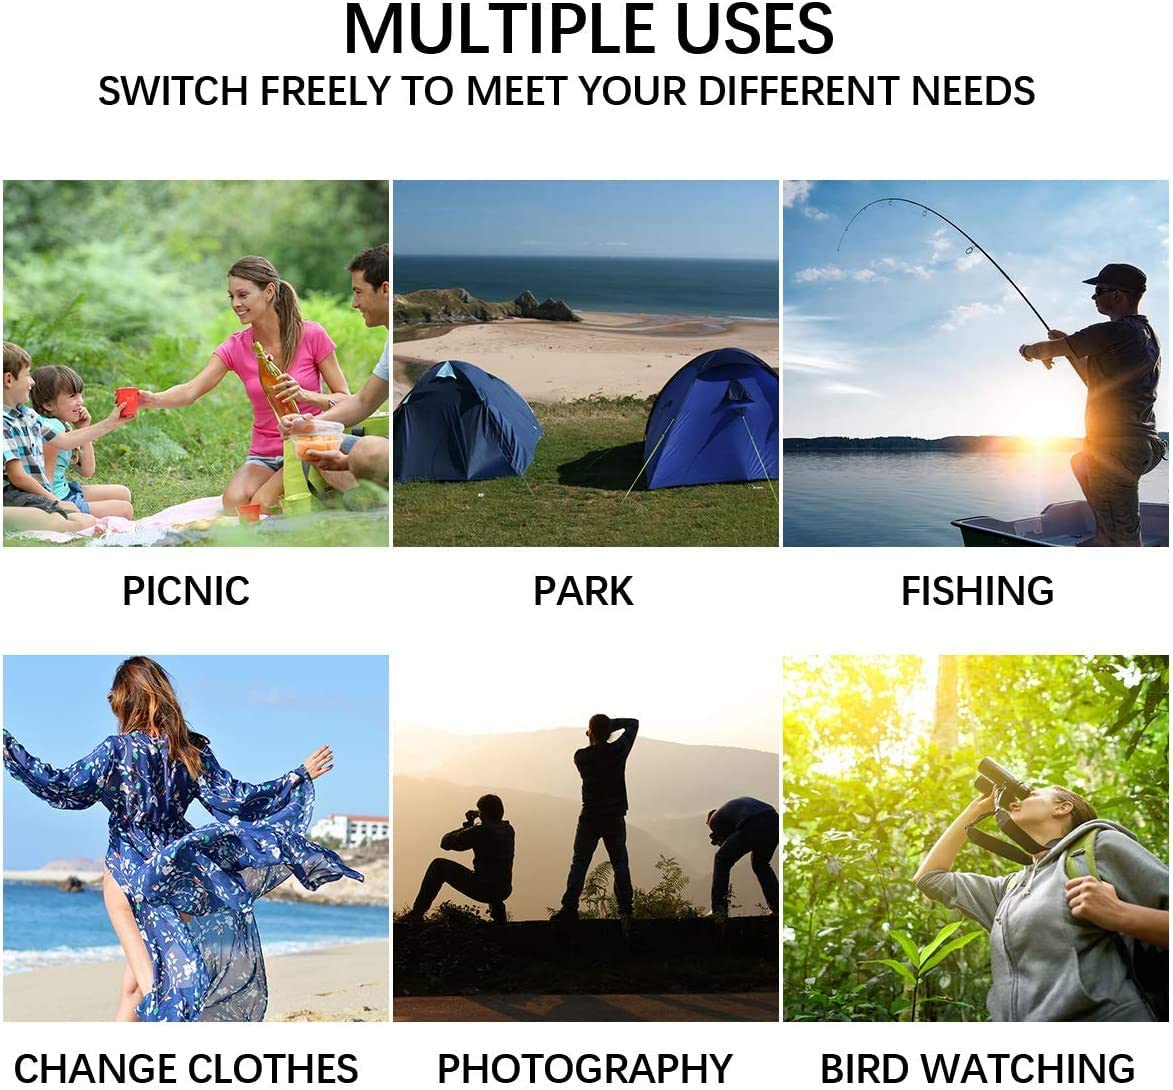 QDWRF Pop Up Toilettenzelt Umkleidezelt Camping Duschzelt Mobile Outdoor Privatsph?re Wc Zelt Kann 20L Duschtasche H/ängen Pop Up Umkleidezelt Toilettenzelt